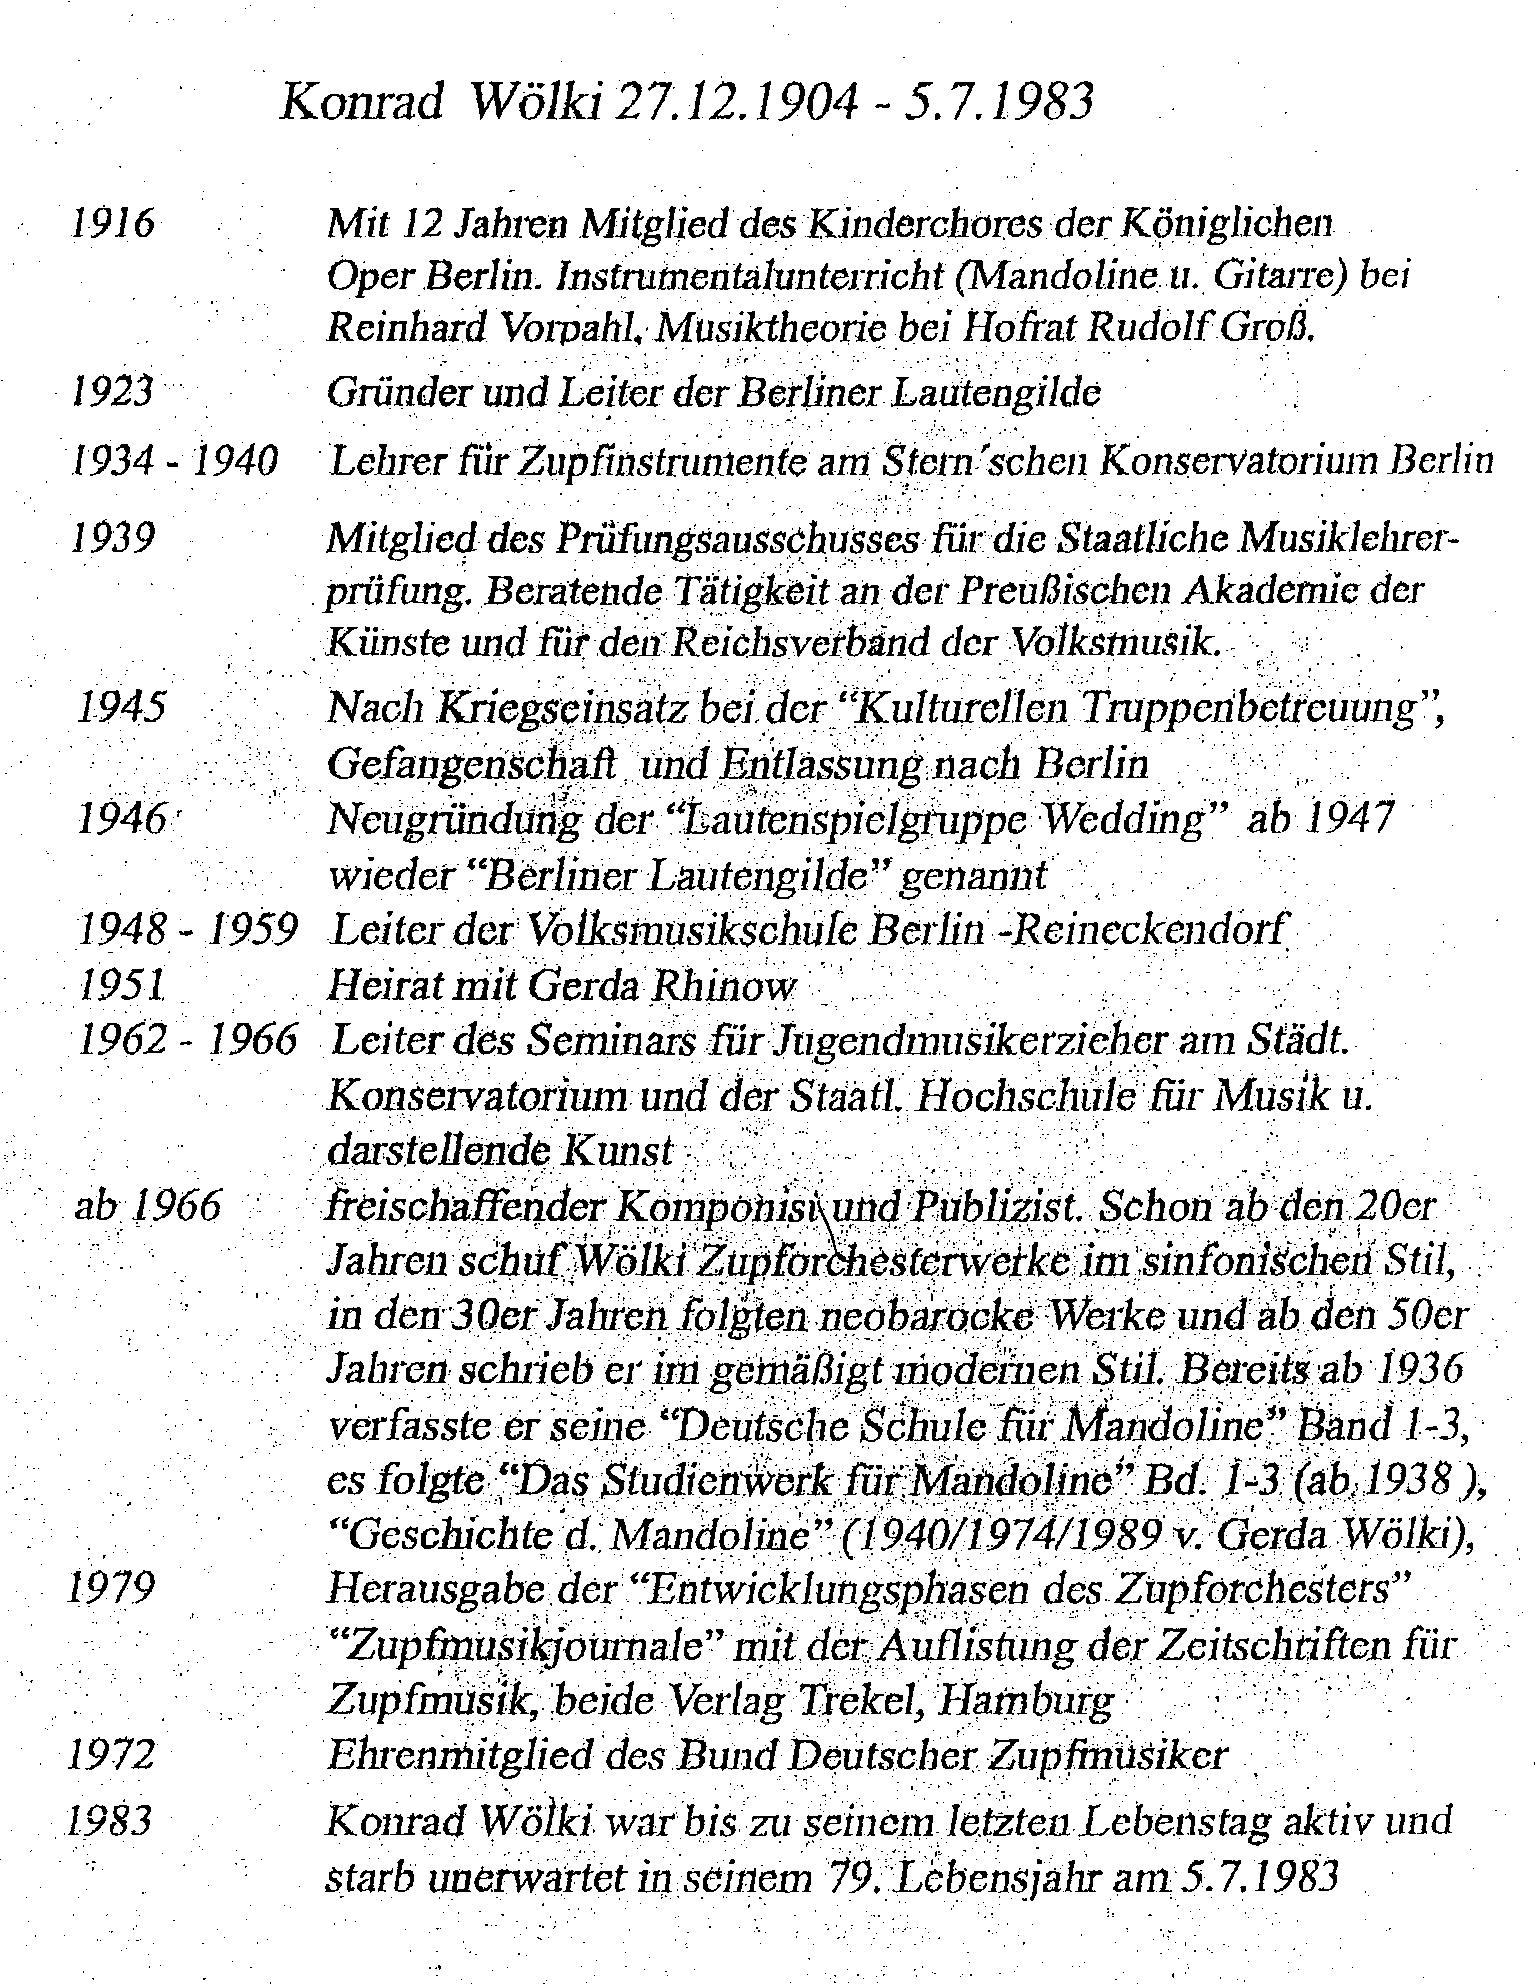 Konrad Woelki Ausstellung - Biografie